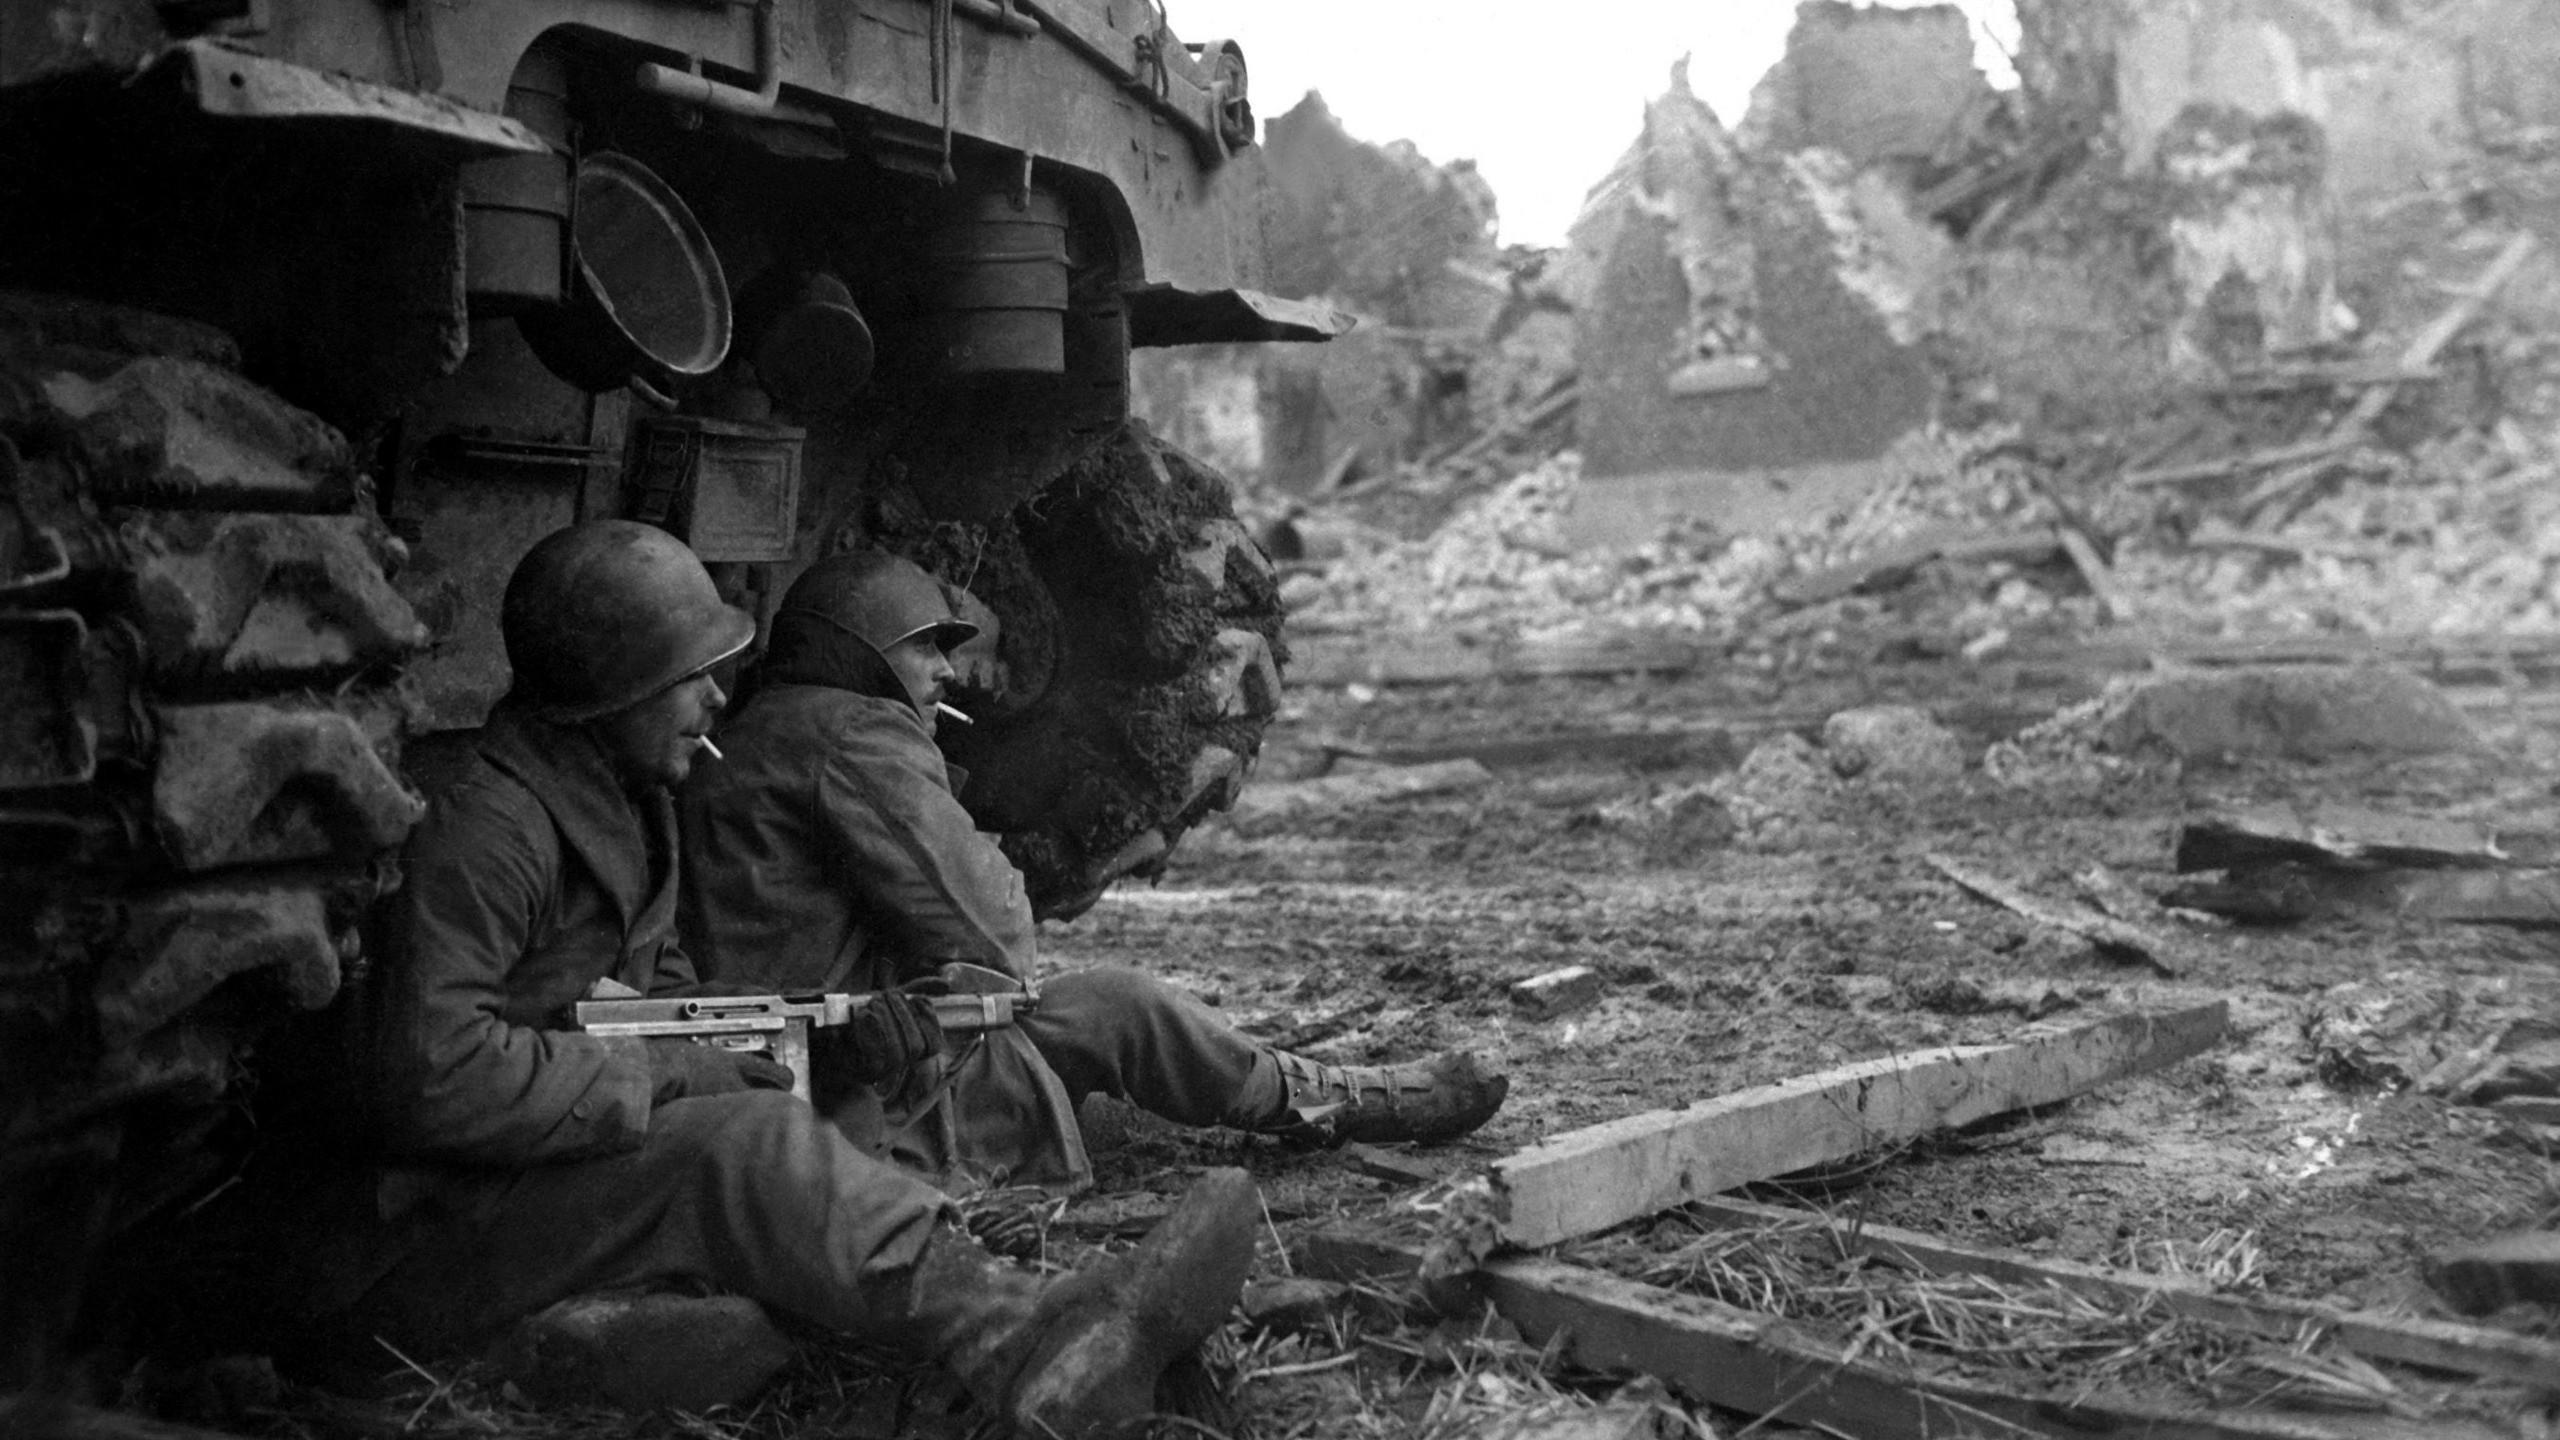 hintergrundbilder einfarbig soldat panzer milit r zweiter weltkrieg armee der. Black Bedroom Furniture Sets. Home Design Ideas